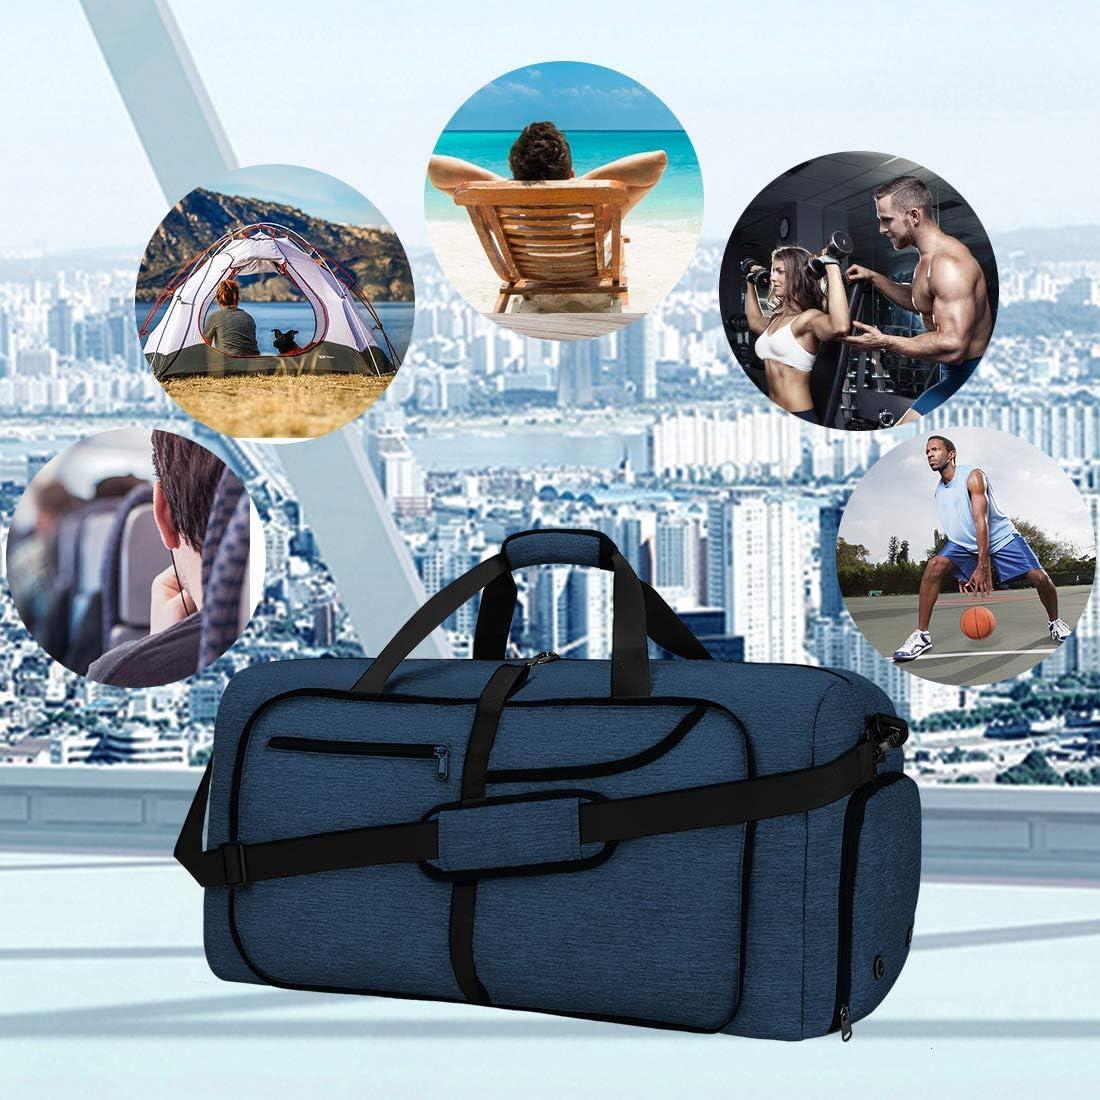 NEWHEY Borsone da Viaggio Pieghevole 65L Grande capacit/à Duffel Bag Travel Leggero Impermeabile Borsoni da Palestra per Campeggio Viaggio Palestra Sport Vacanza Borsa Uomo e Donna